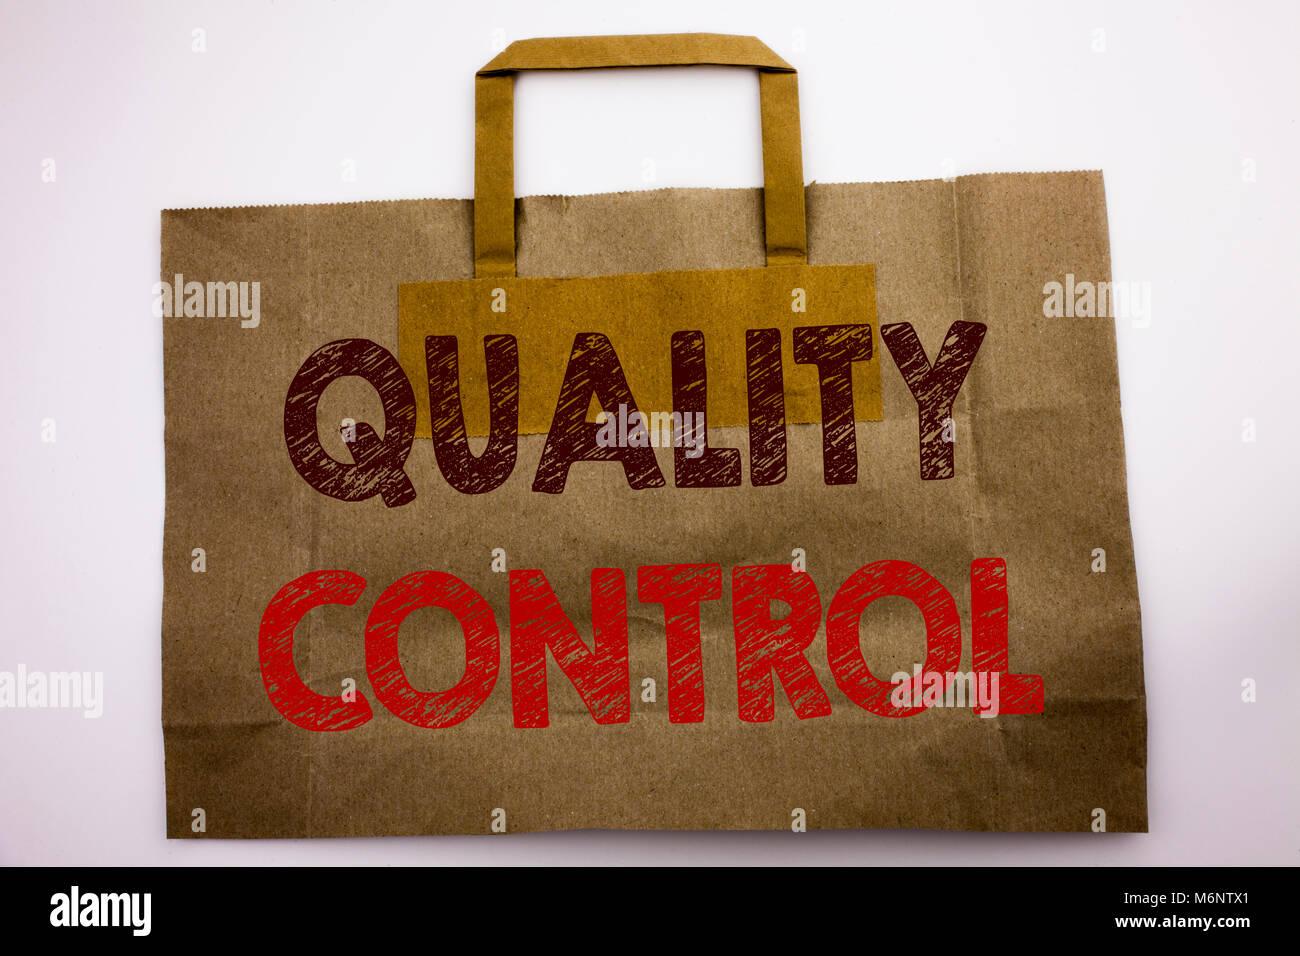 Wort, Schrift, Qualitätskontrolle. Business Konzept für die Verbesserung der Arbeit Shopping Bag geschrieben, weiß Stockfoto